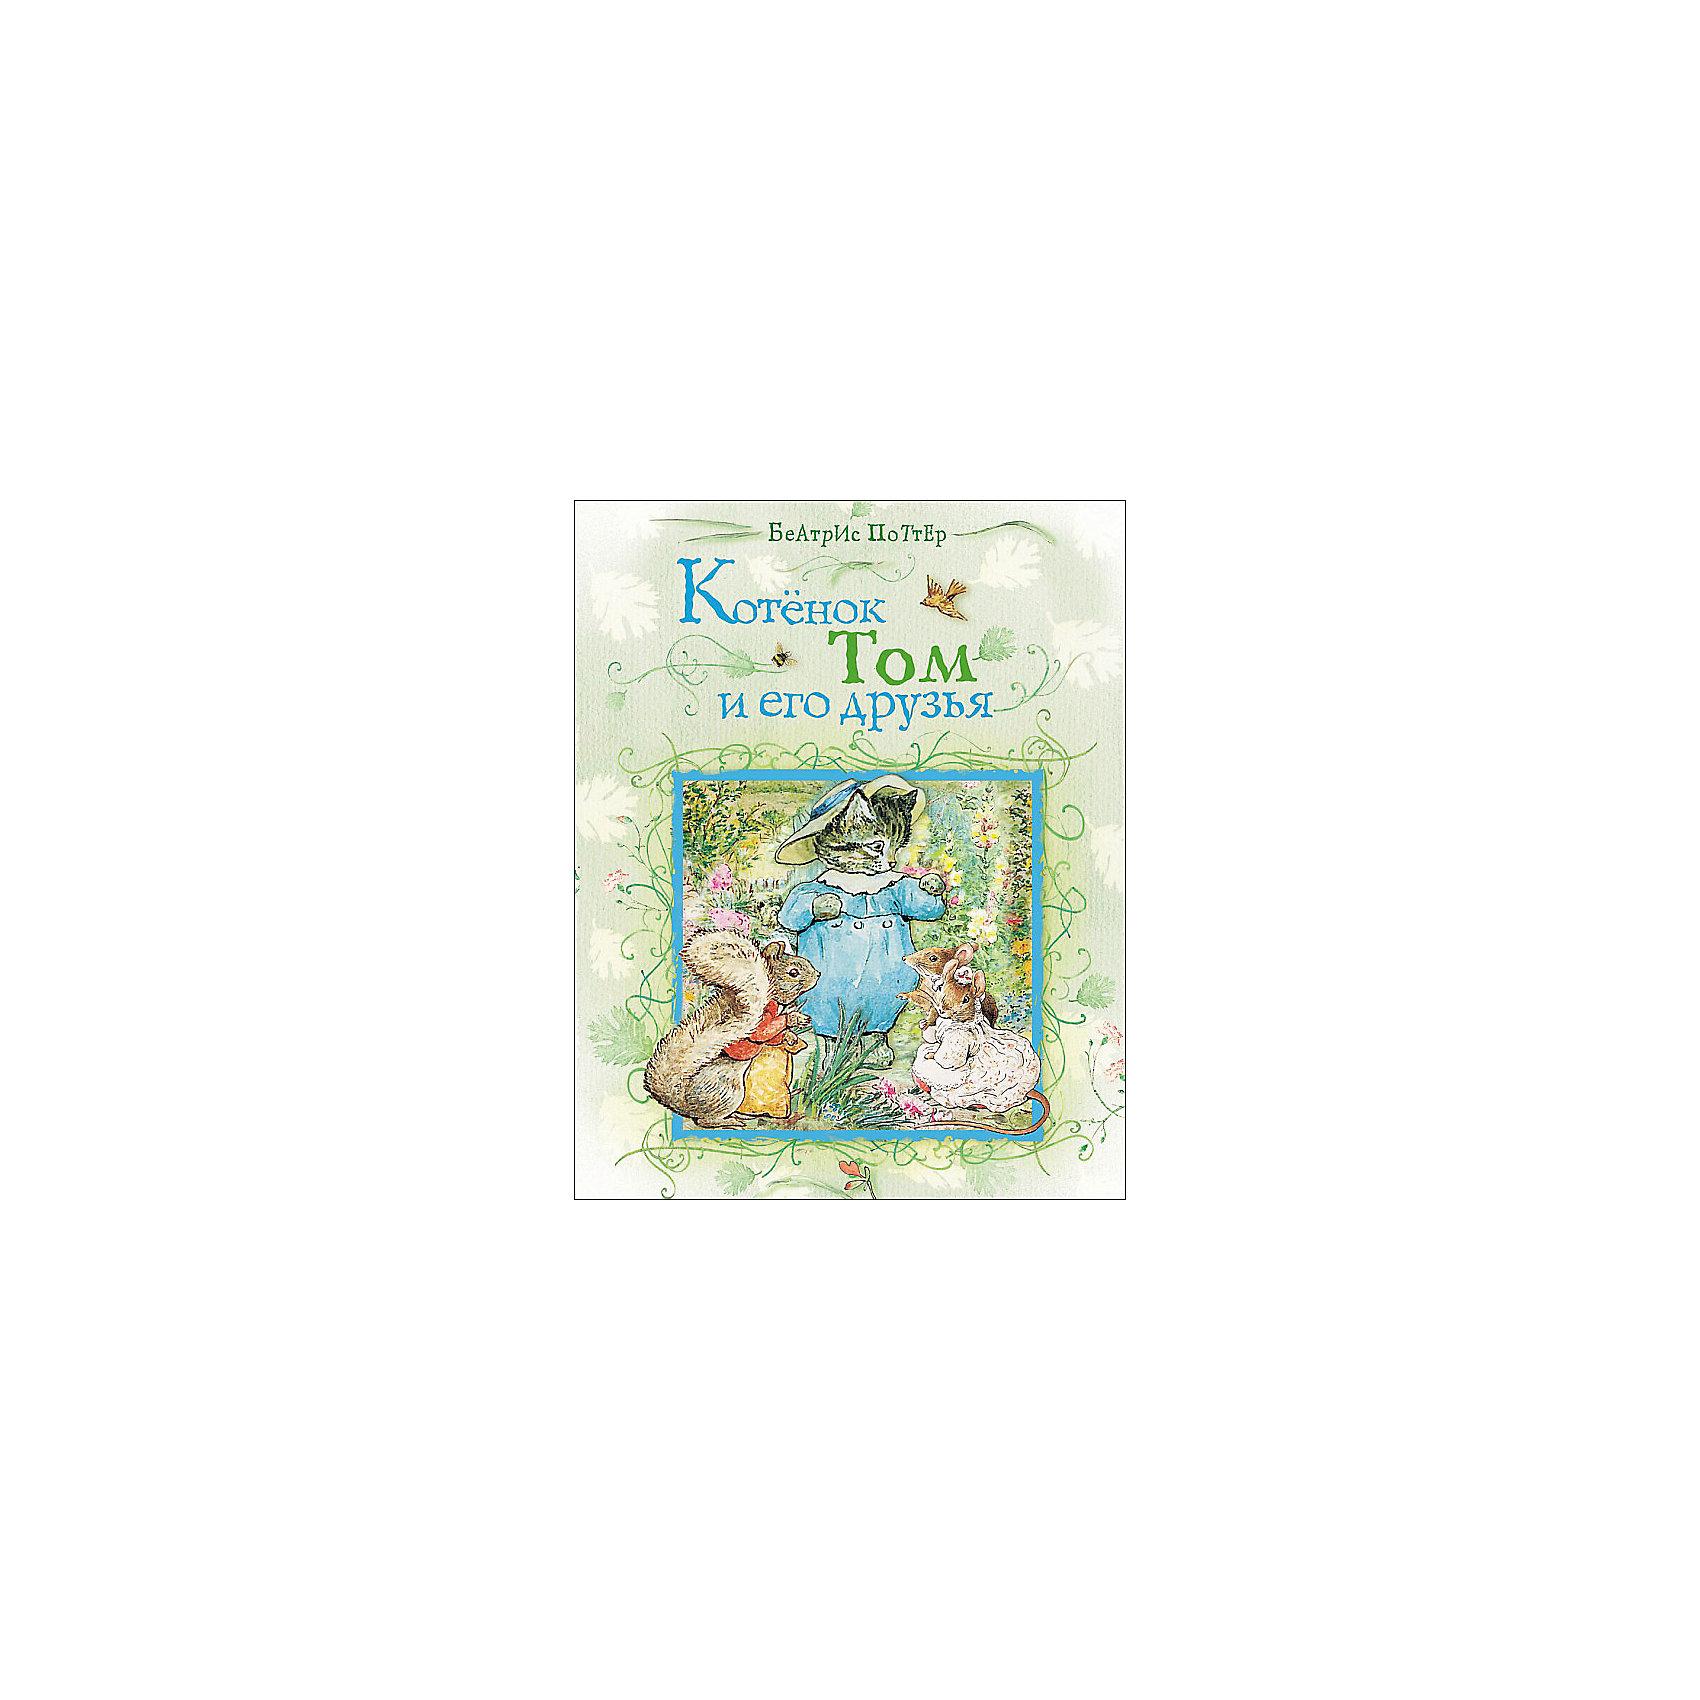 Котенок Том и его друзья.Росмэн<br>В книгу знаменитой английской писательницы Беатрис Поттер «Котенок Том и его друзья» вошли «Сказка про котенка Тома» и «Тим Коготок» с оригинальными иллюстрациями автора. &#13;<br>Страсть к рисованию у будущей писательницы  проявилась еще в детстве. Девочка проводила много времени в саду, зарисовывая и беря уроки рисования. Уже в детстве Беатрис Поттер стала изображать животных одетыми в сюртуки и кафтаны. &#13;<br>В «Сказке про котенка Тома» кошка миссис Тереза Коттер решила принарядить своих котят Джесси, Пусси и Тома к приходу гостей.  Причесала, помыла и одела Джесси и Пусси в чистые платьица с красивыми воротниками, а Тома в костюм.  А вот что было дальше, несомненно, вас удивит, но для этого нужно дочитать сказку до конца.<br><br>Ширина мм: 275<br>Глубина мм: 212<br>Высота мм: 3<br>Вес г: 134<br>Возраст от месяцев: 0<br>Возраст до месяцев: 36<br>Пол: Унисекс<br>Возраст: Детский<br>SKU: 4782427